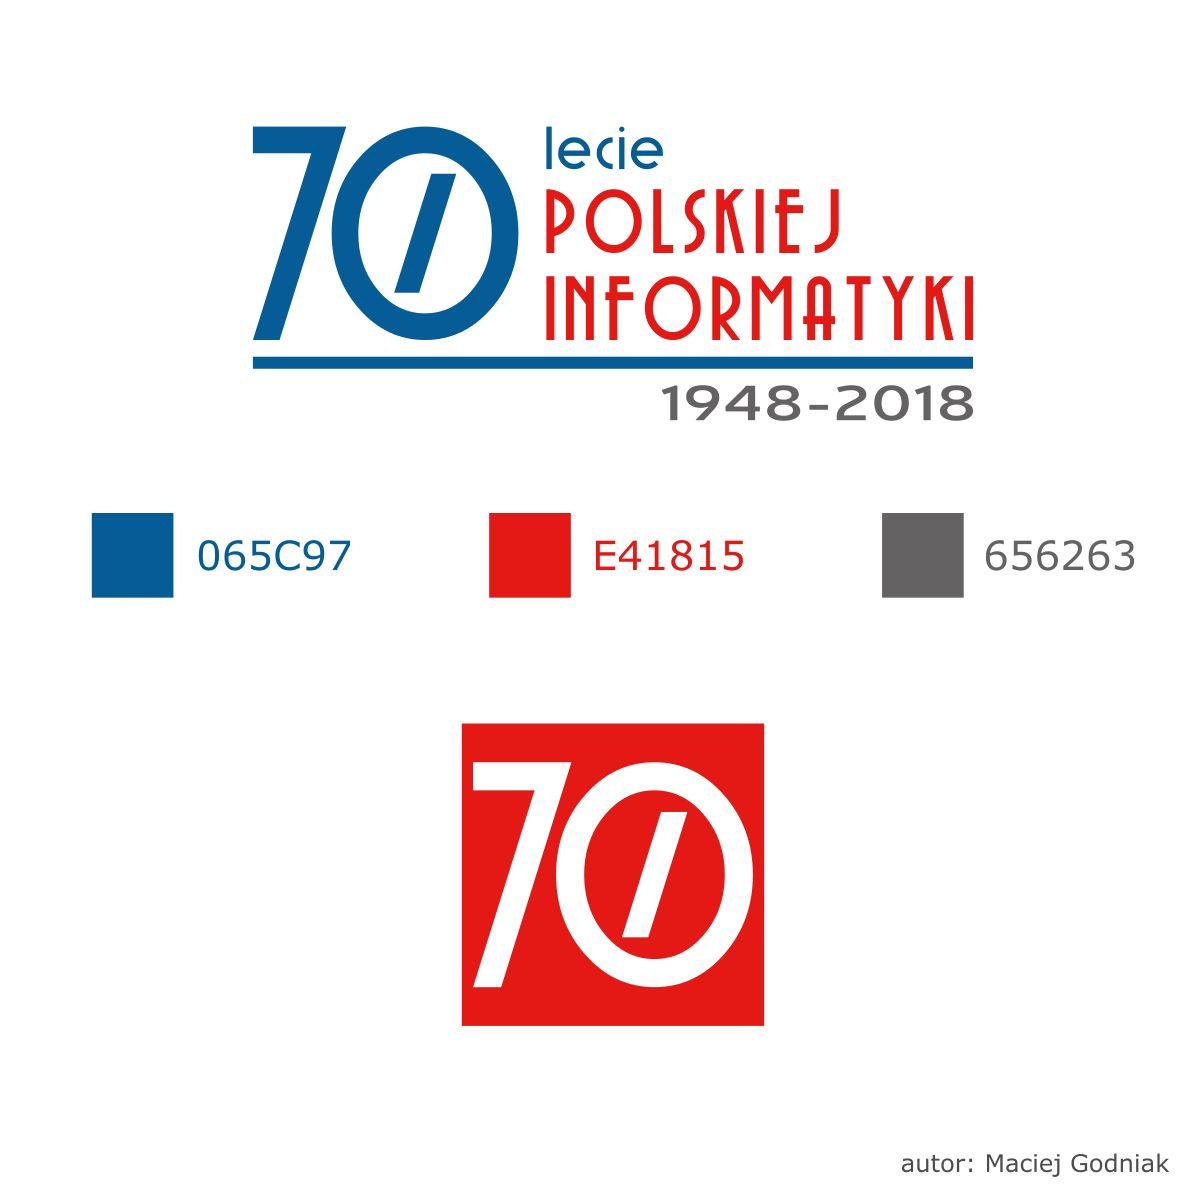 70-lecie informatyki polskiej logo